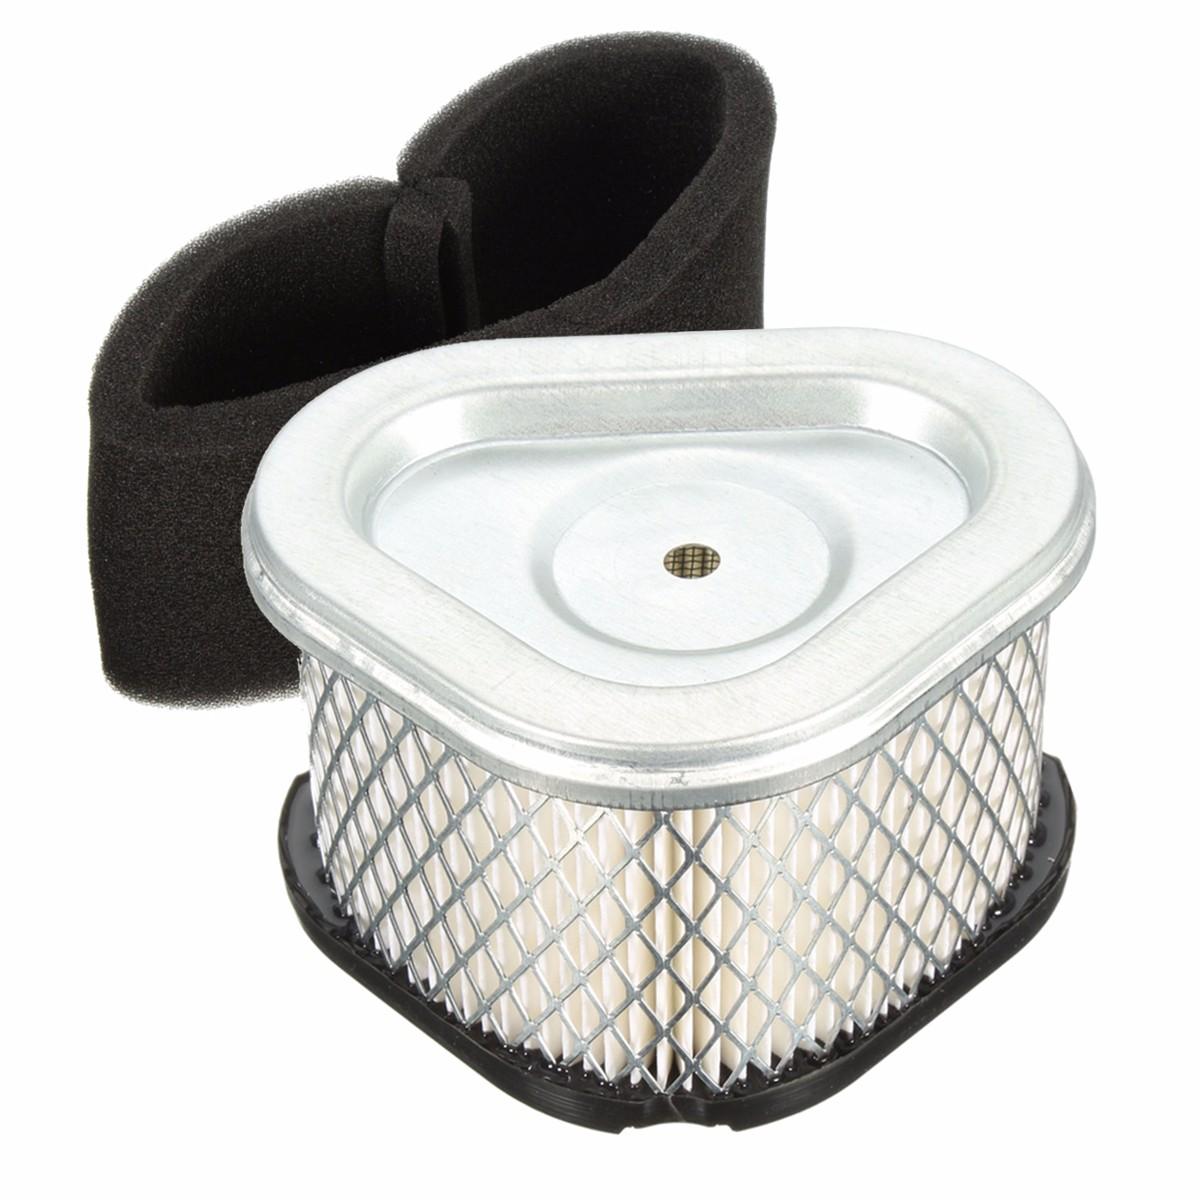 Lawnmower Air Filter Sponge Kit For Kohler 12-083-05-S 12-083-08